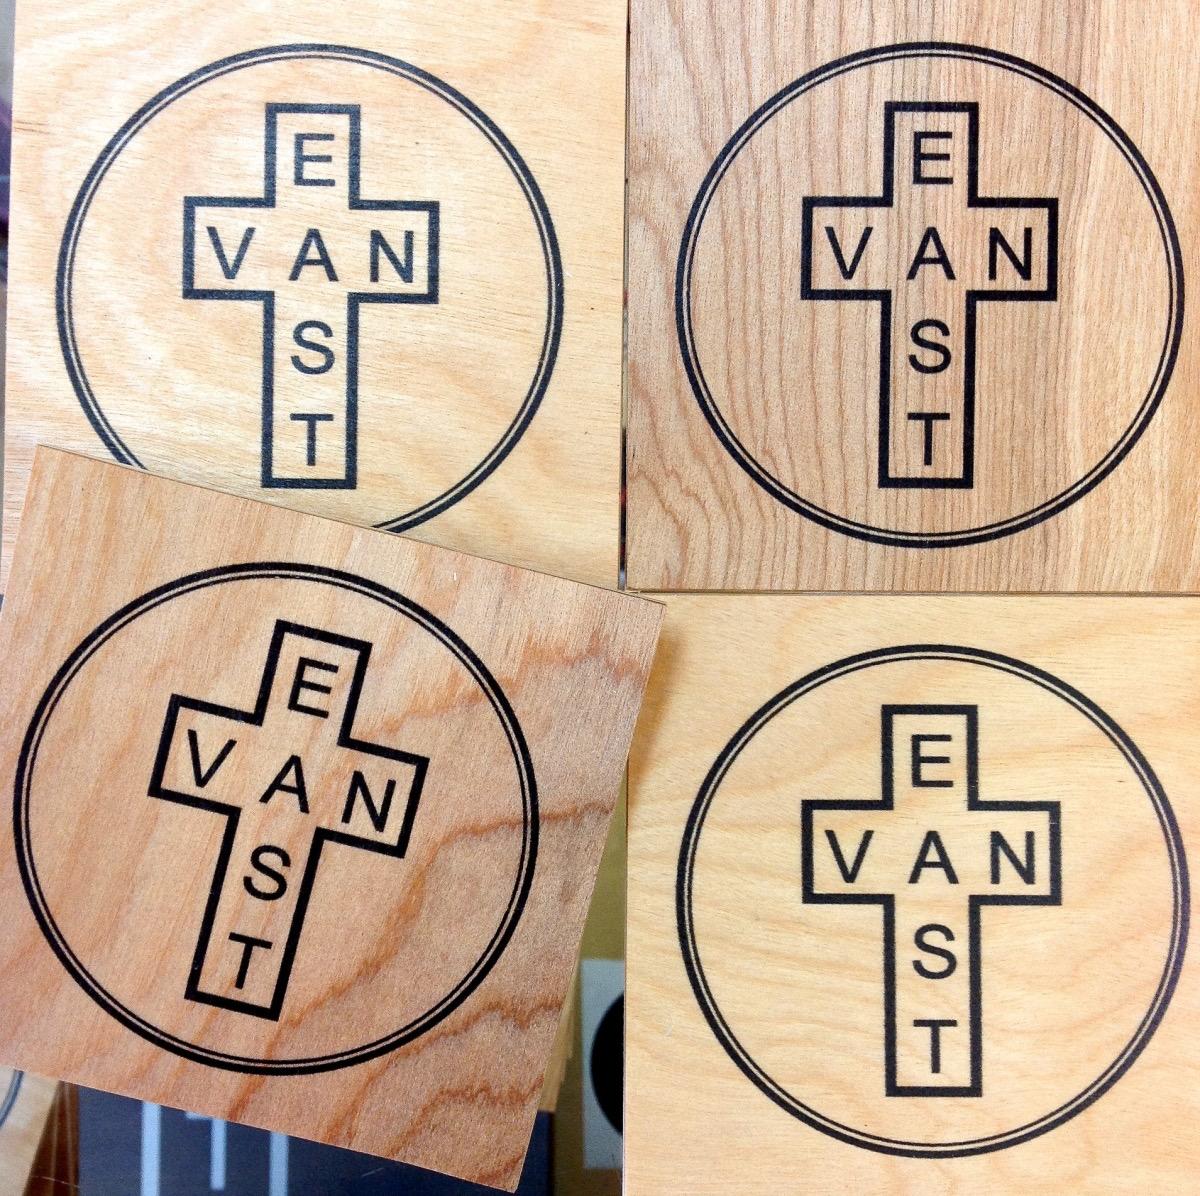 east_van_cross_coasters